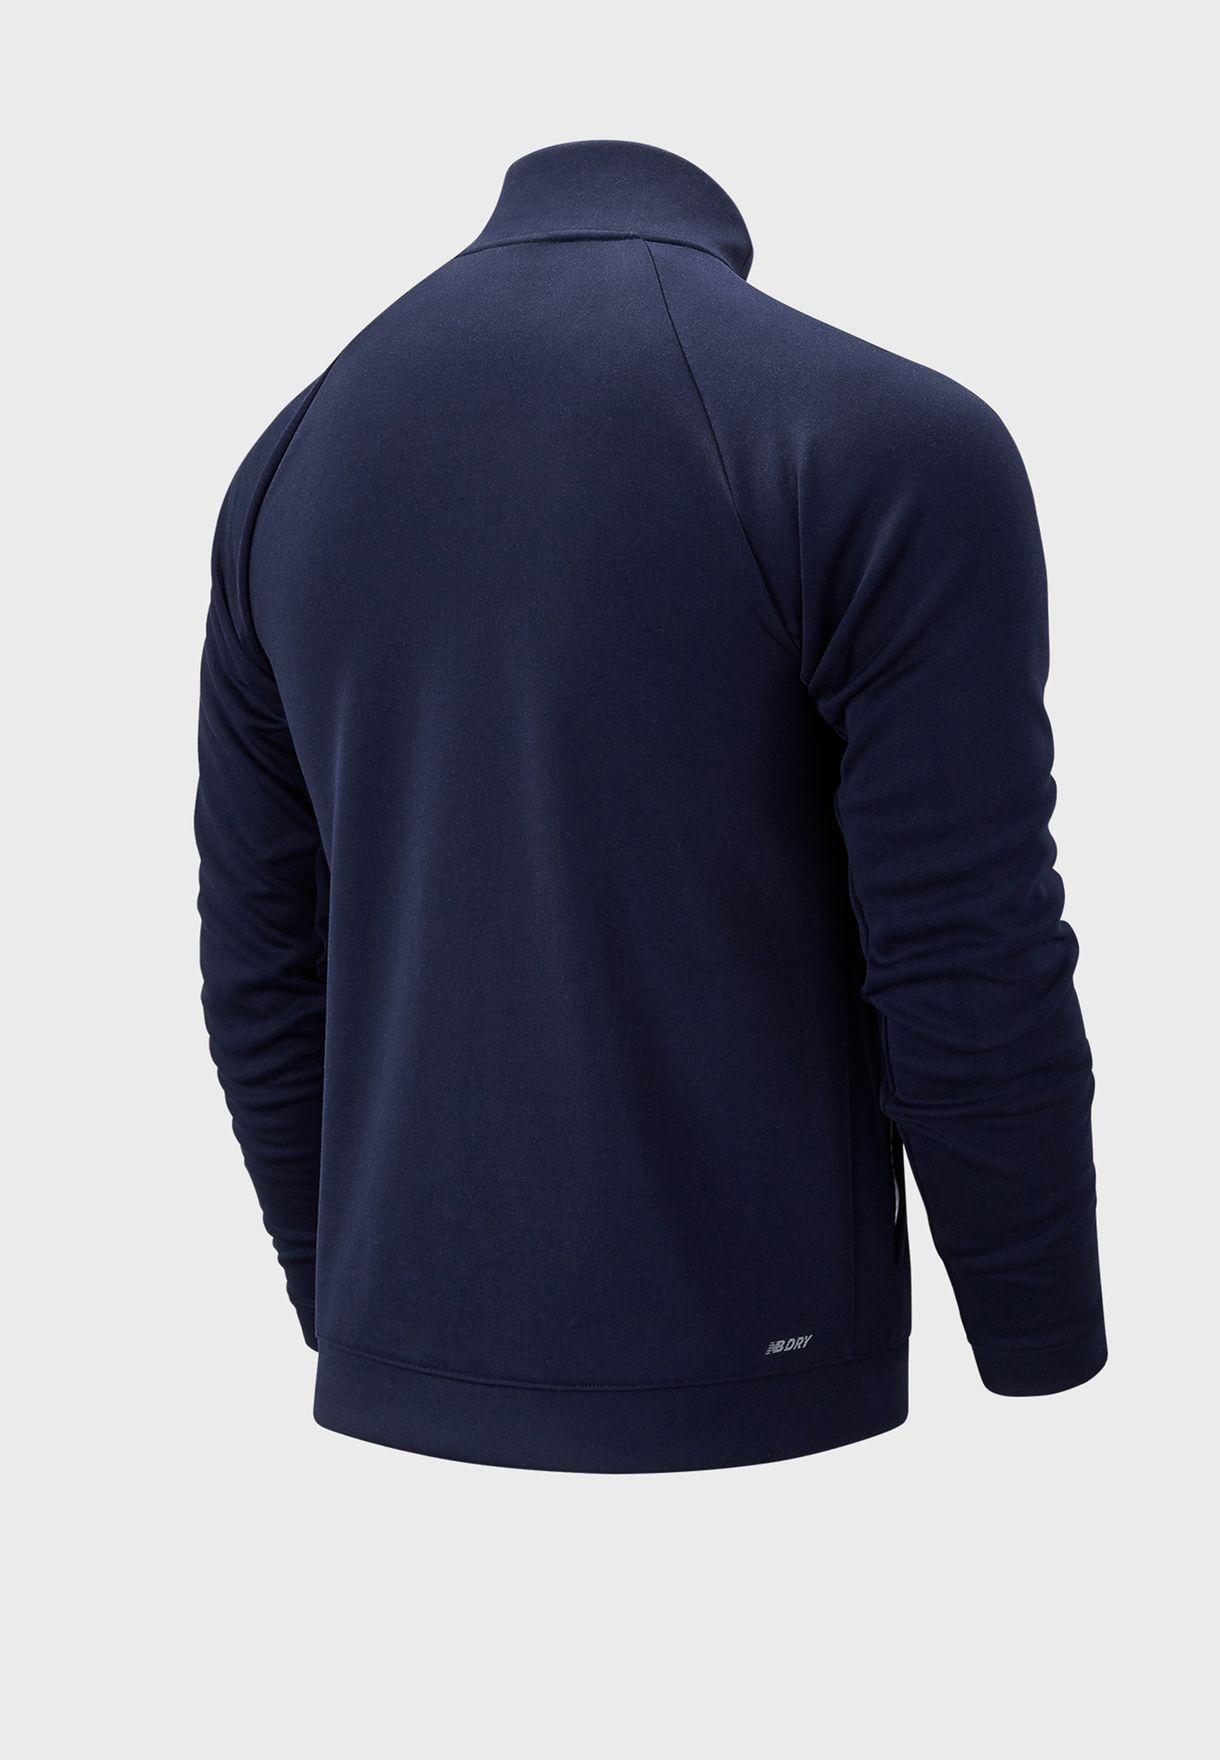 Tenacity Knit Jacket